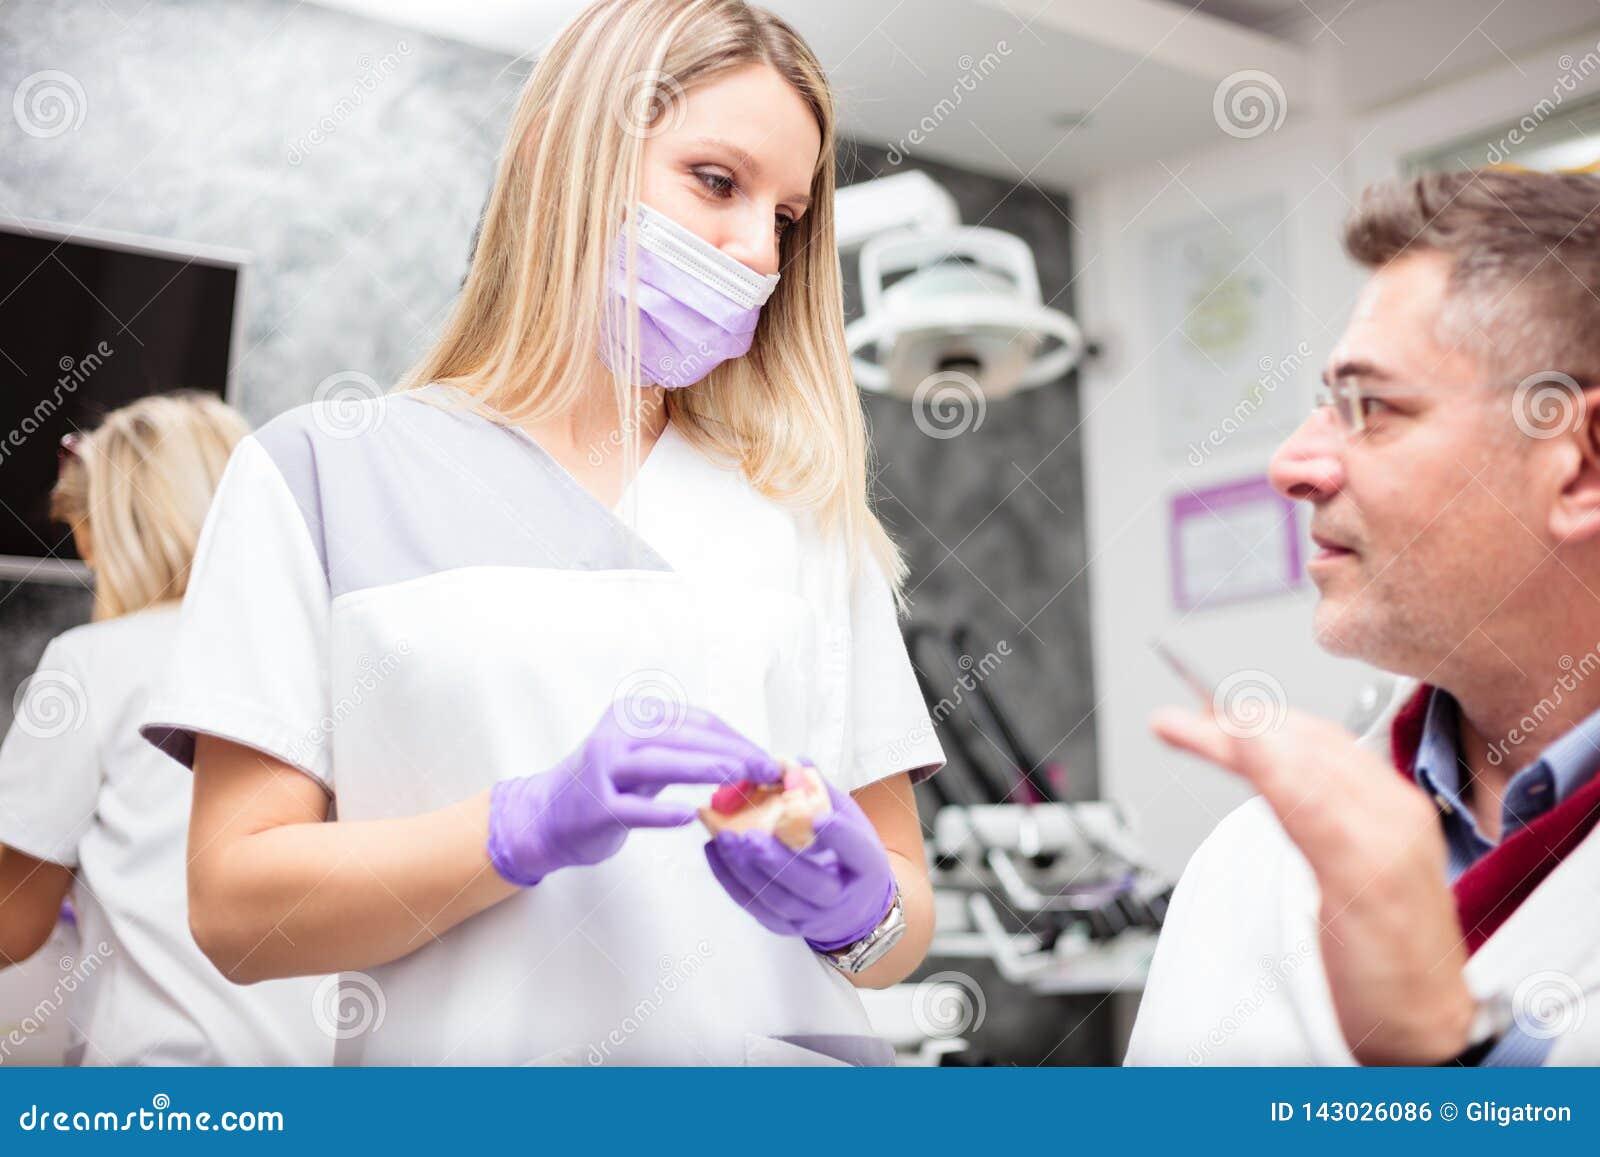 Молодой женский зубоврачебный техник советуя с со зрелым мужским доктором в зубоврачебной клинике